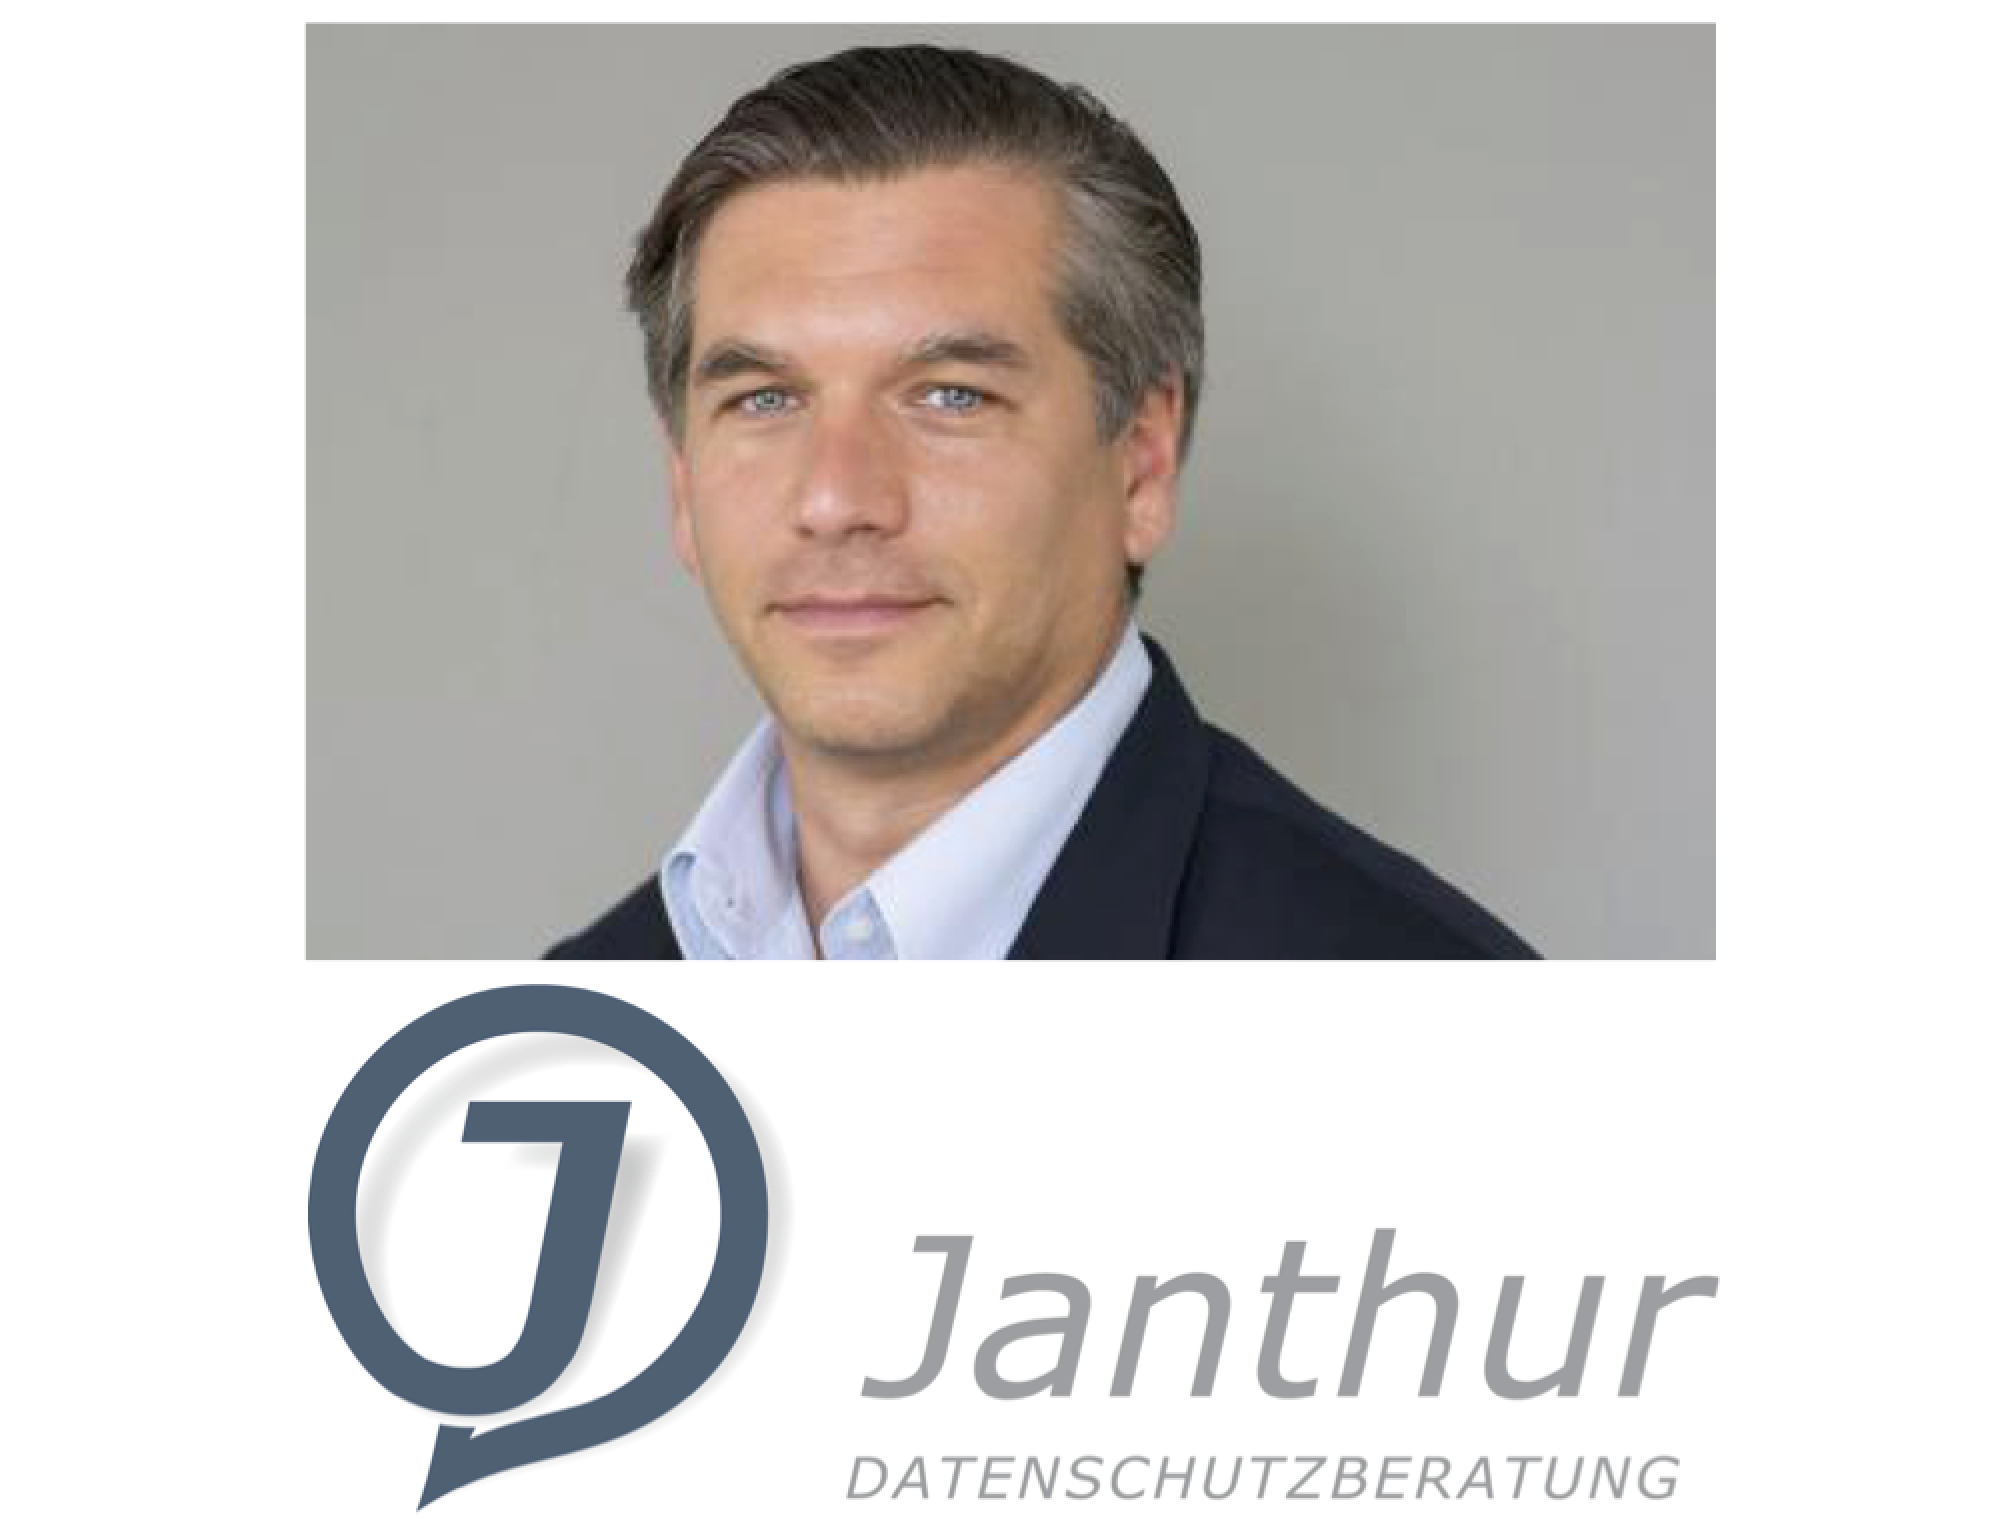 smoope im Gespräch: Dirk Janthur über die DSGVO 2018 und Ihren Einfluss auf die B2C-Kommunikation – Teil 2